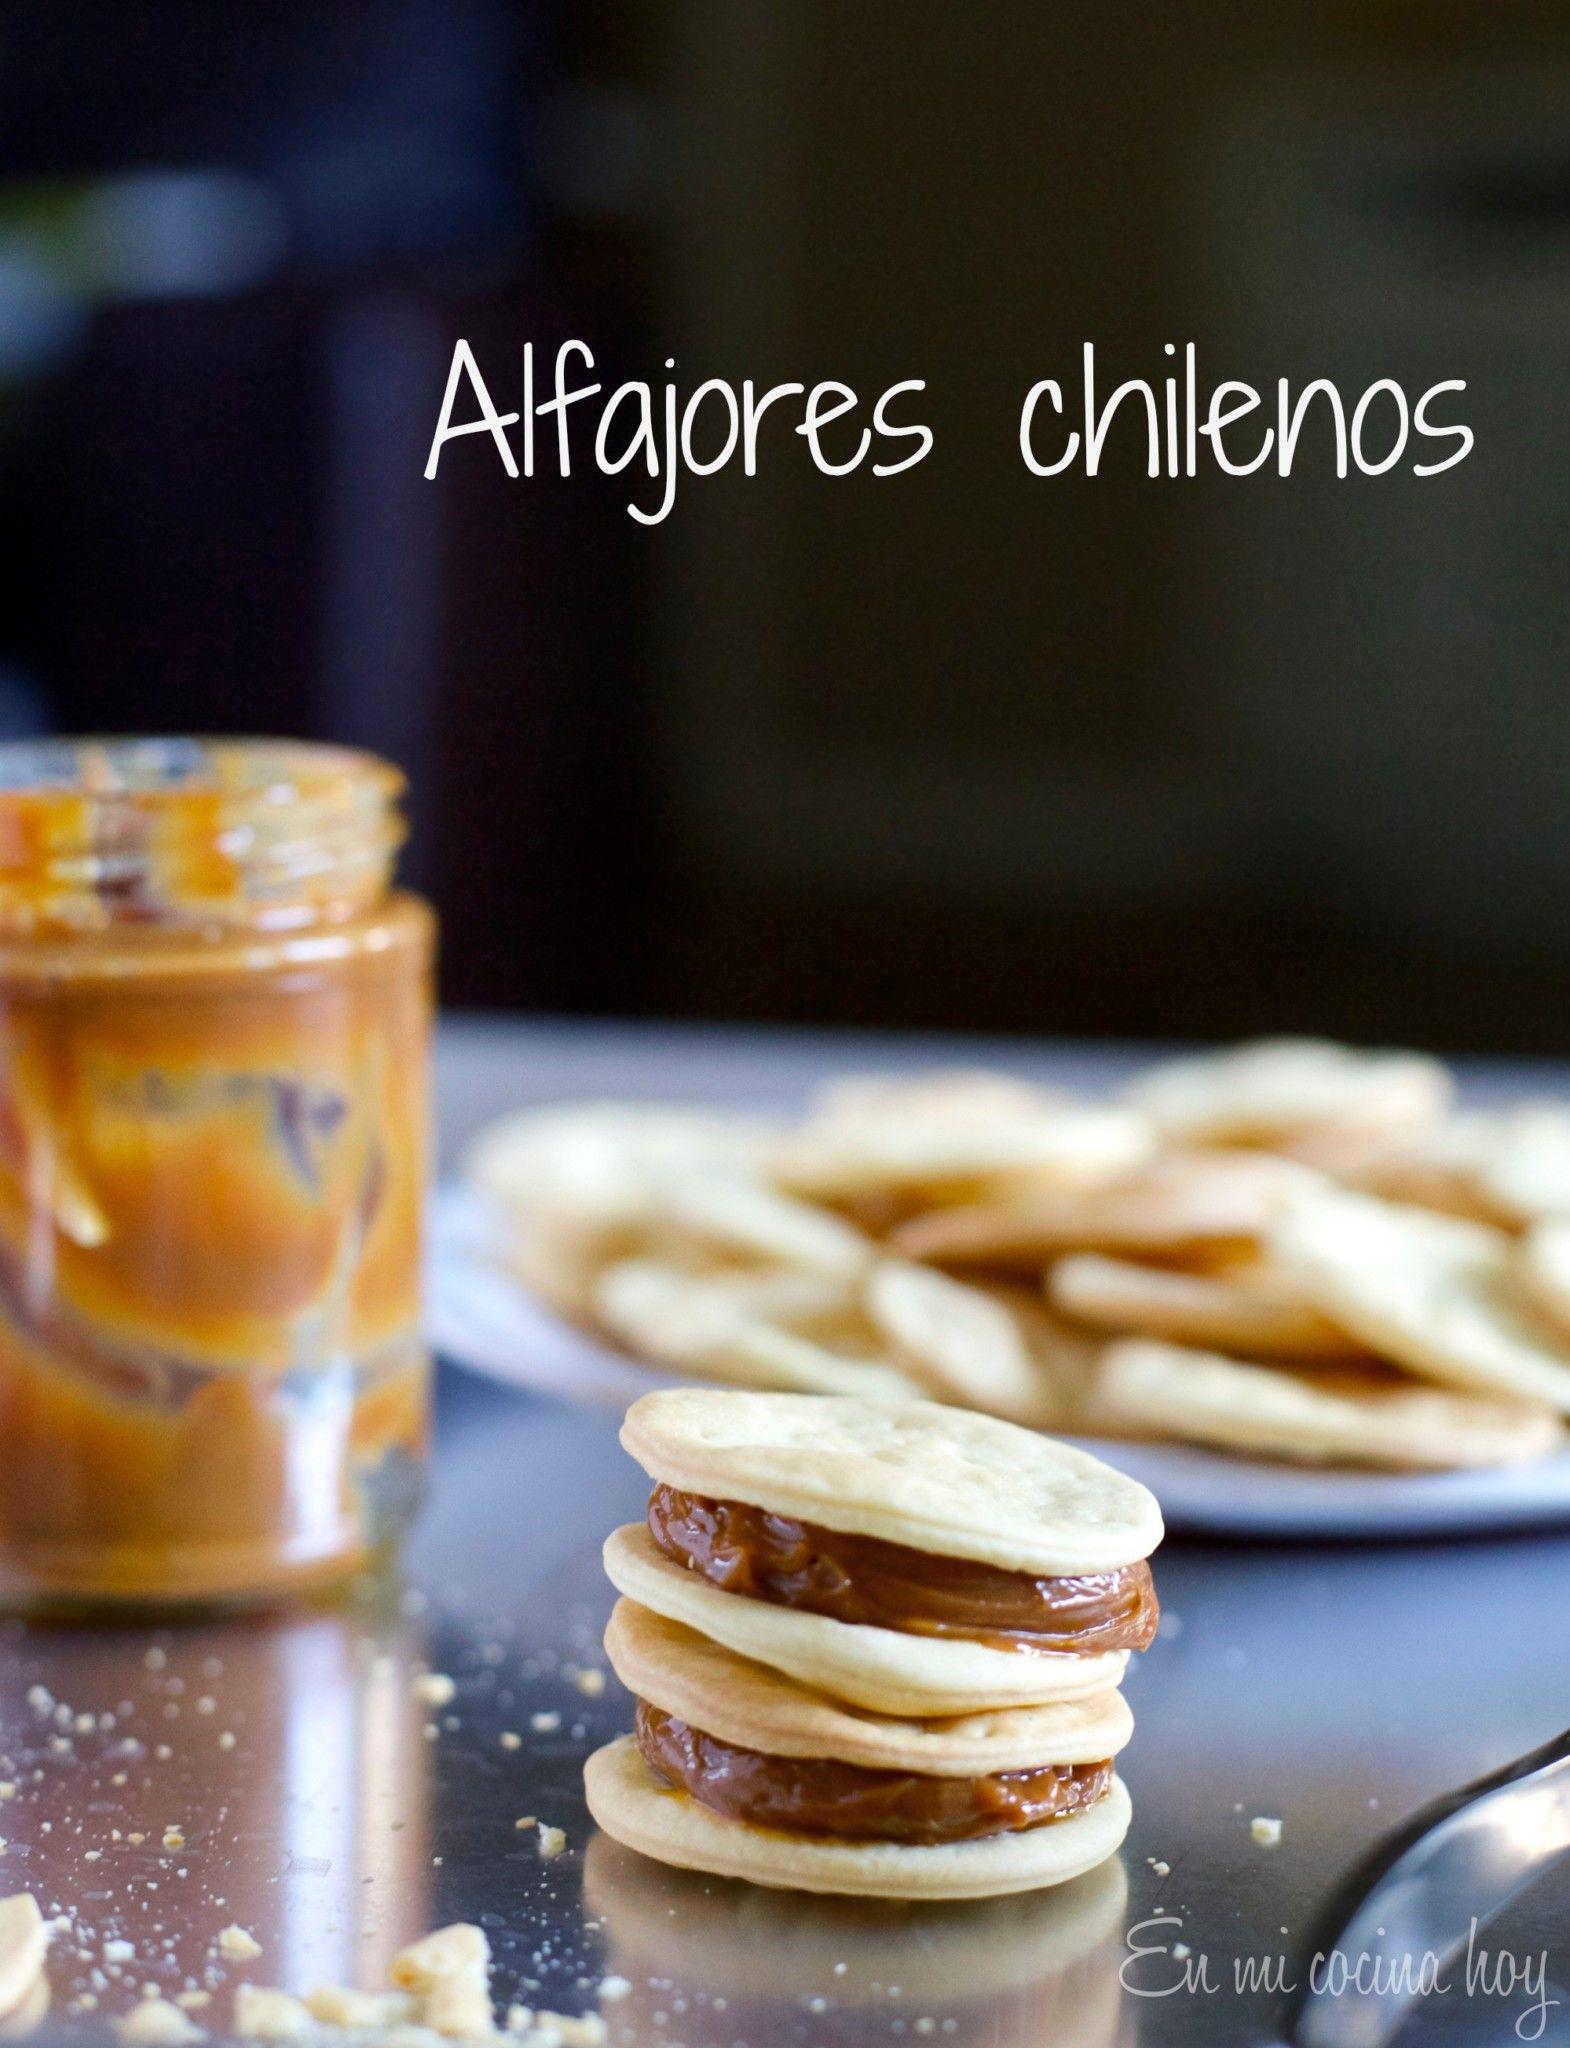 Alfajores chilenos baking pinterest recipes en mi cocina hoy chilean alfajores south american recipes in spanish and english forumfinder Gallery